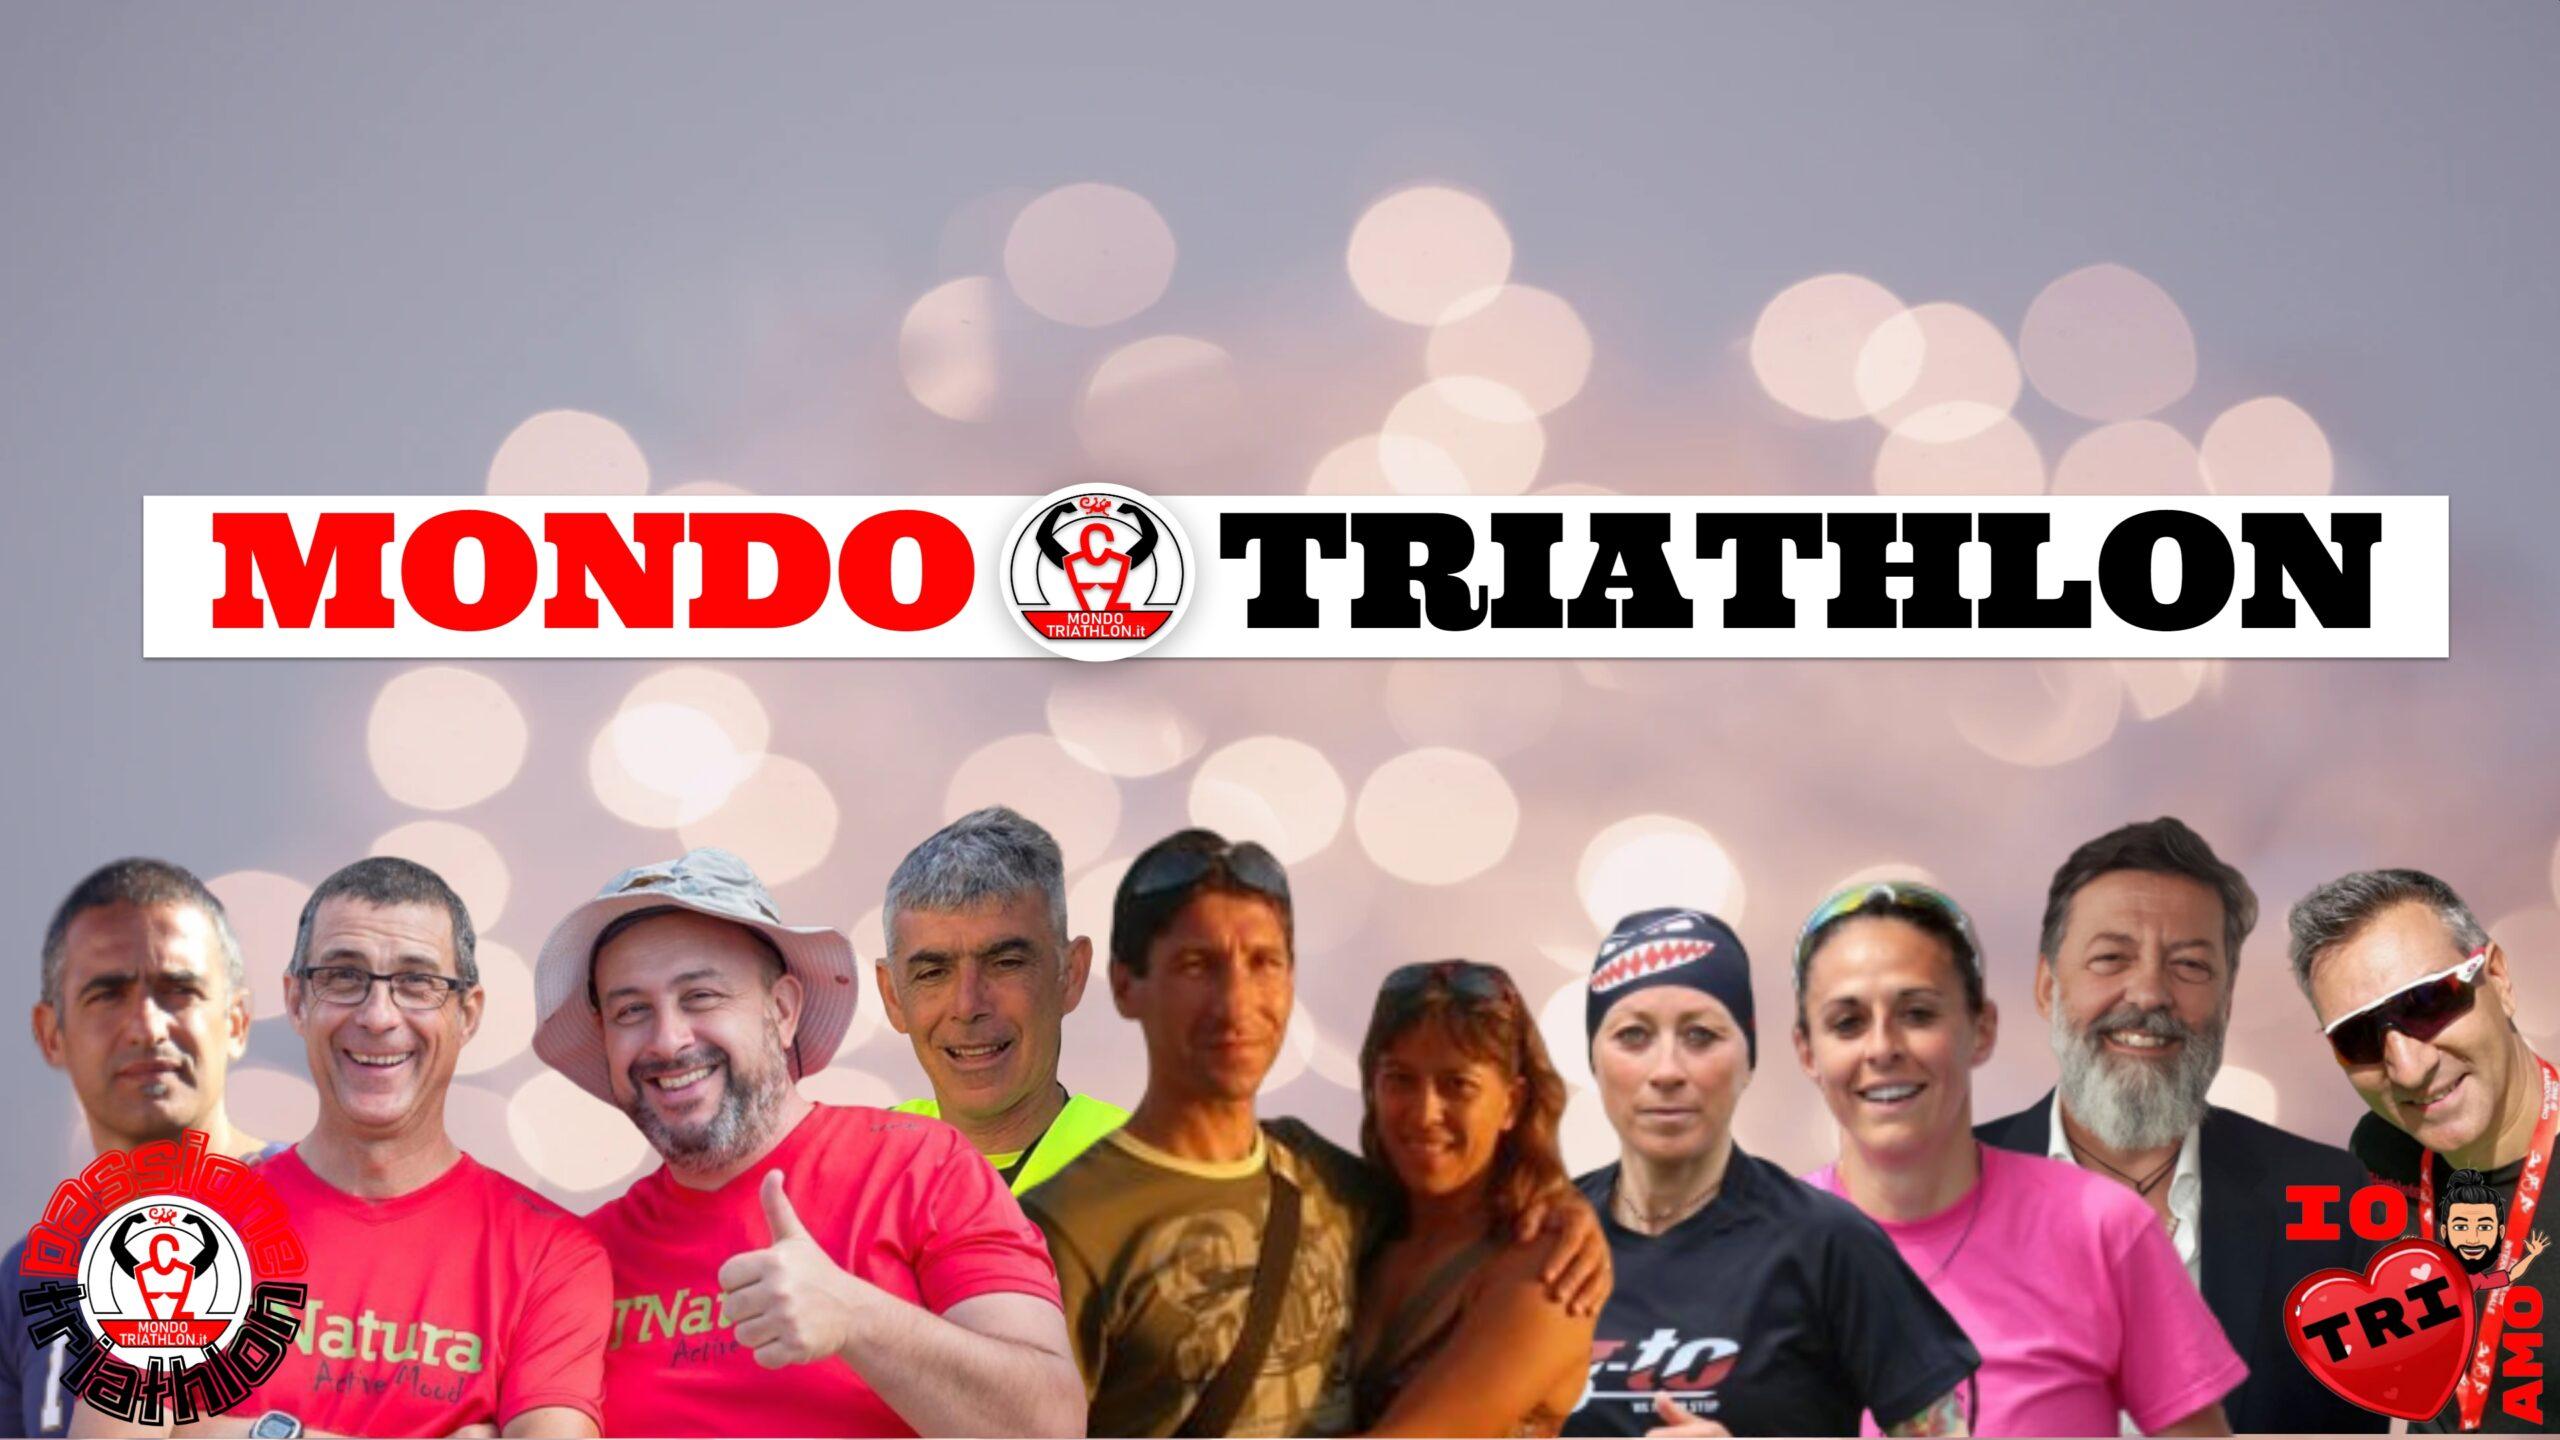 Passione Triathlon Wall Settimana 18-22 maggio 2020